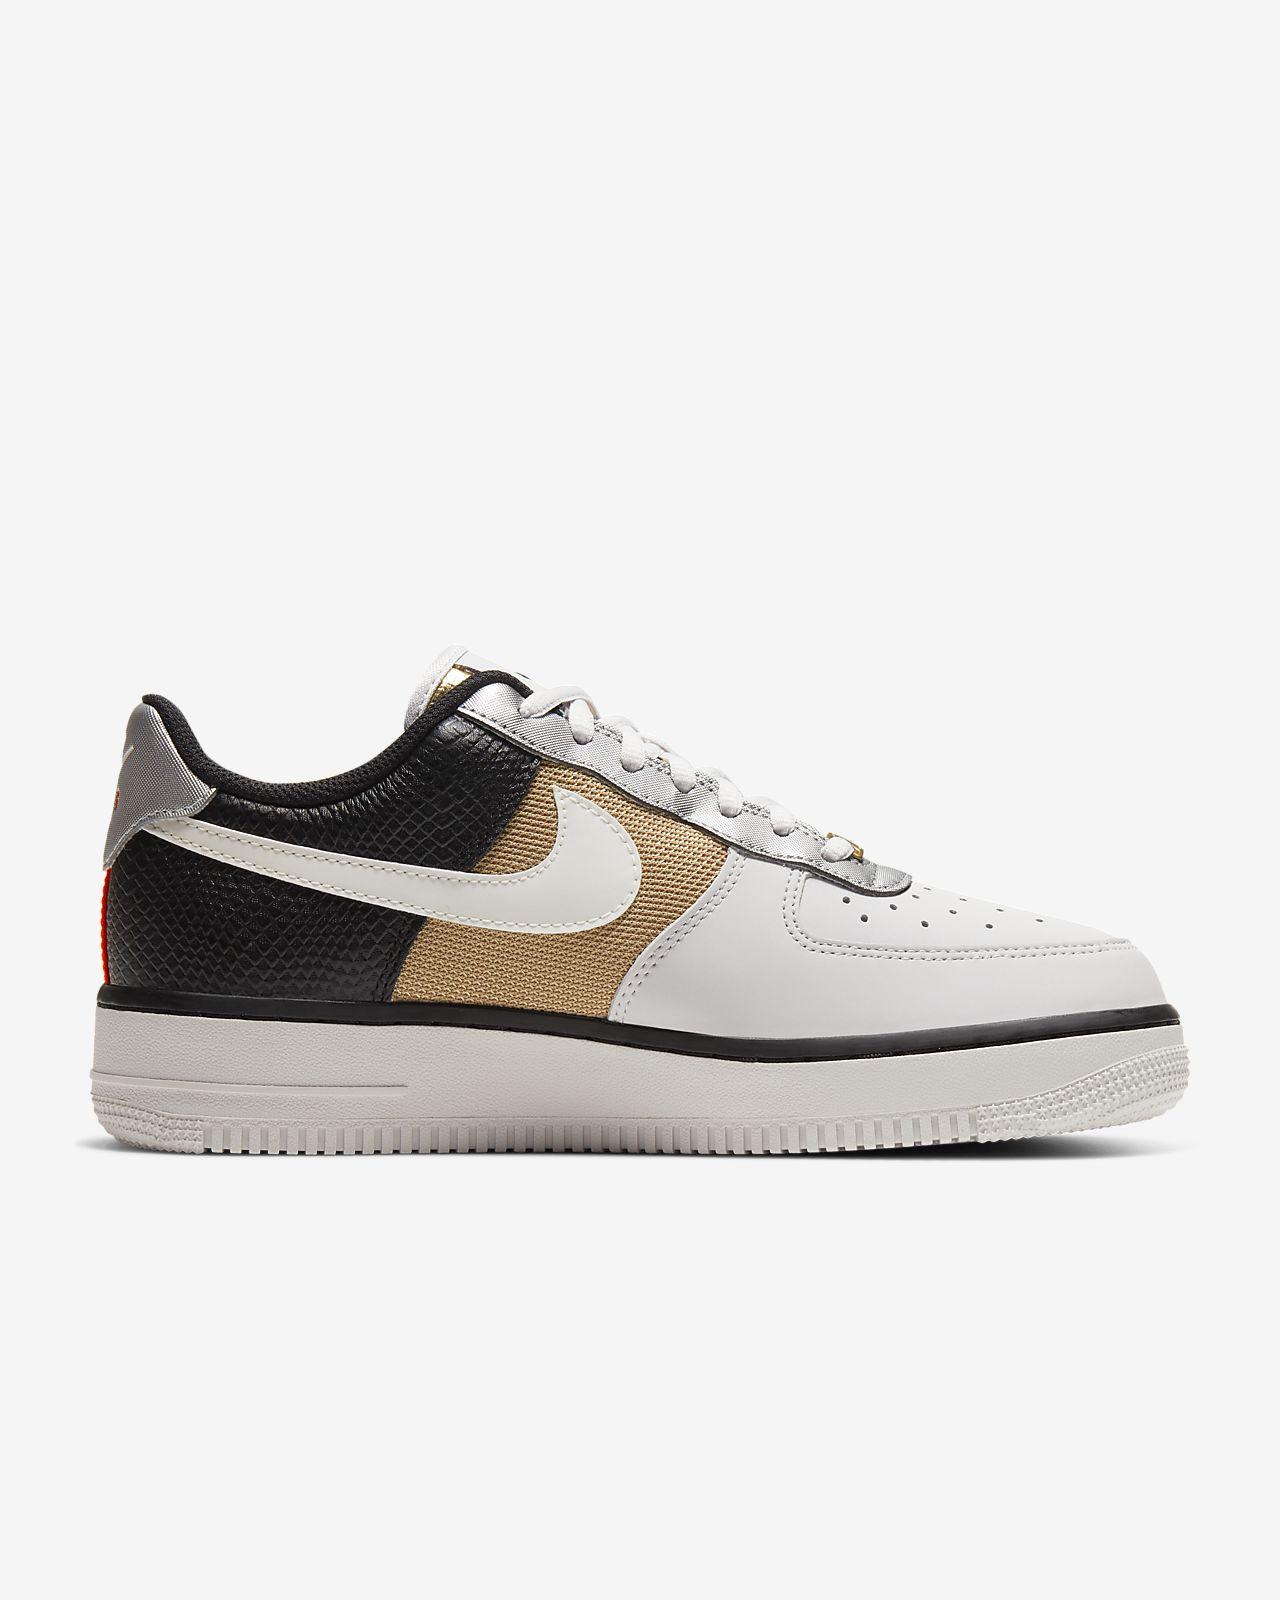 Sapatilhas Nike Air Force 1 '07 para mulher